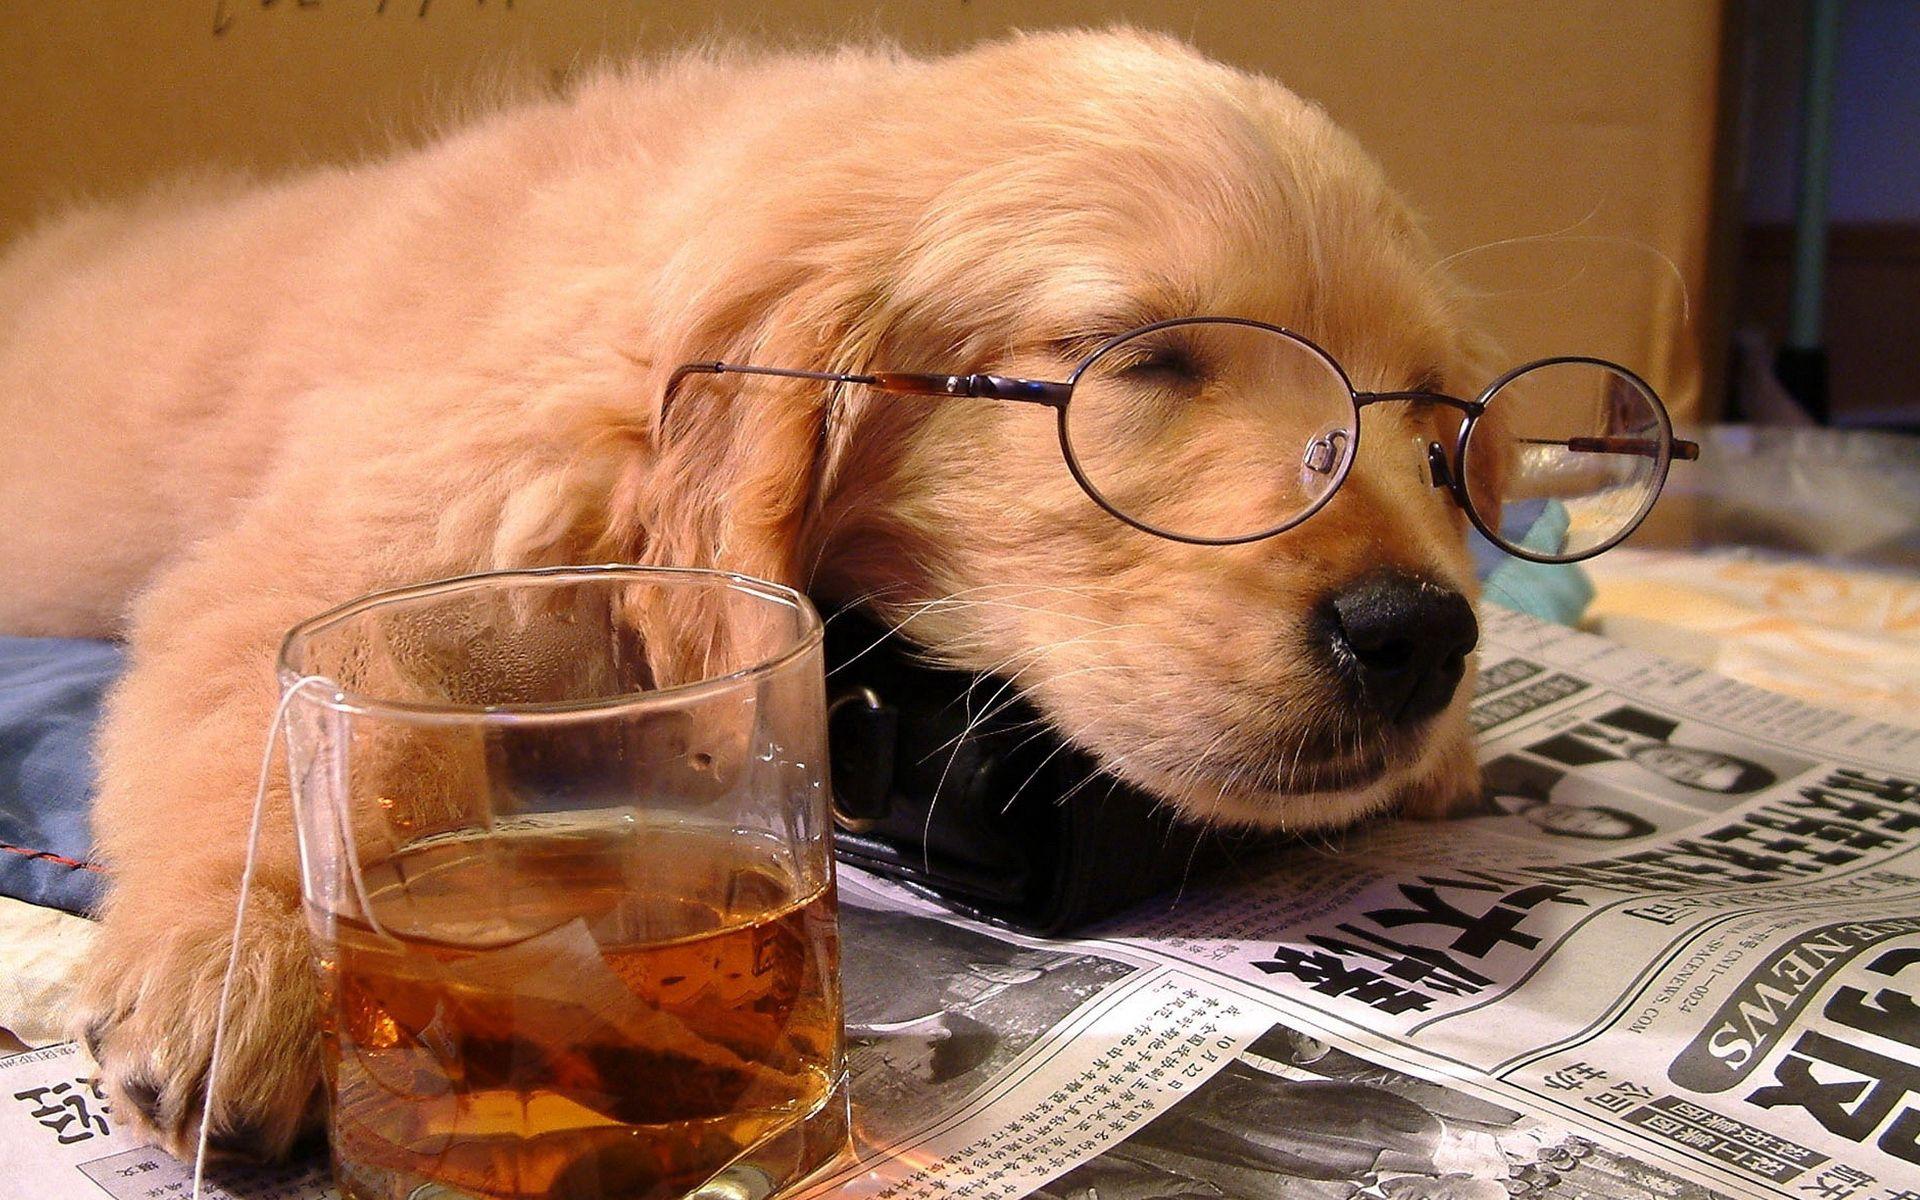 157781 скачать обои Животные, Собака, Сон, Щенок, Морда, Очки, Газета, Стакан, Напиток, Чайный Пакетик, Ситуация, Спящий - заставки и картинки бесплатно